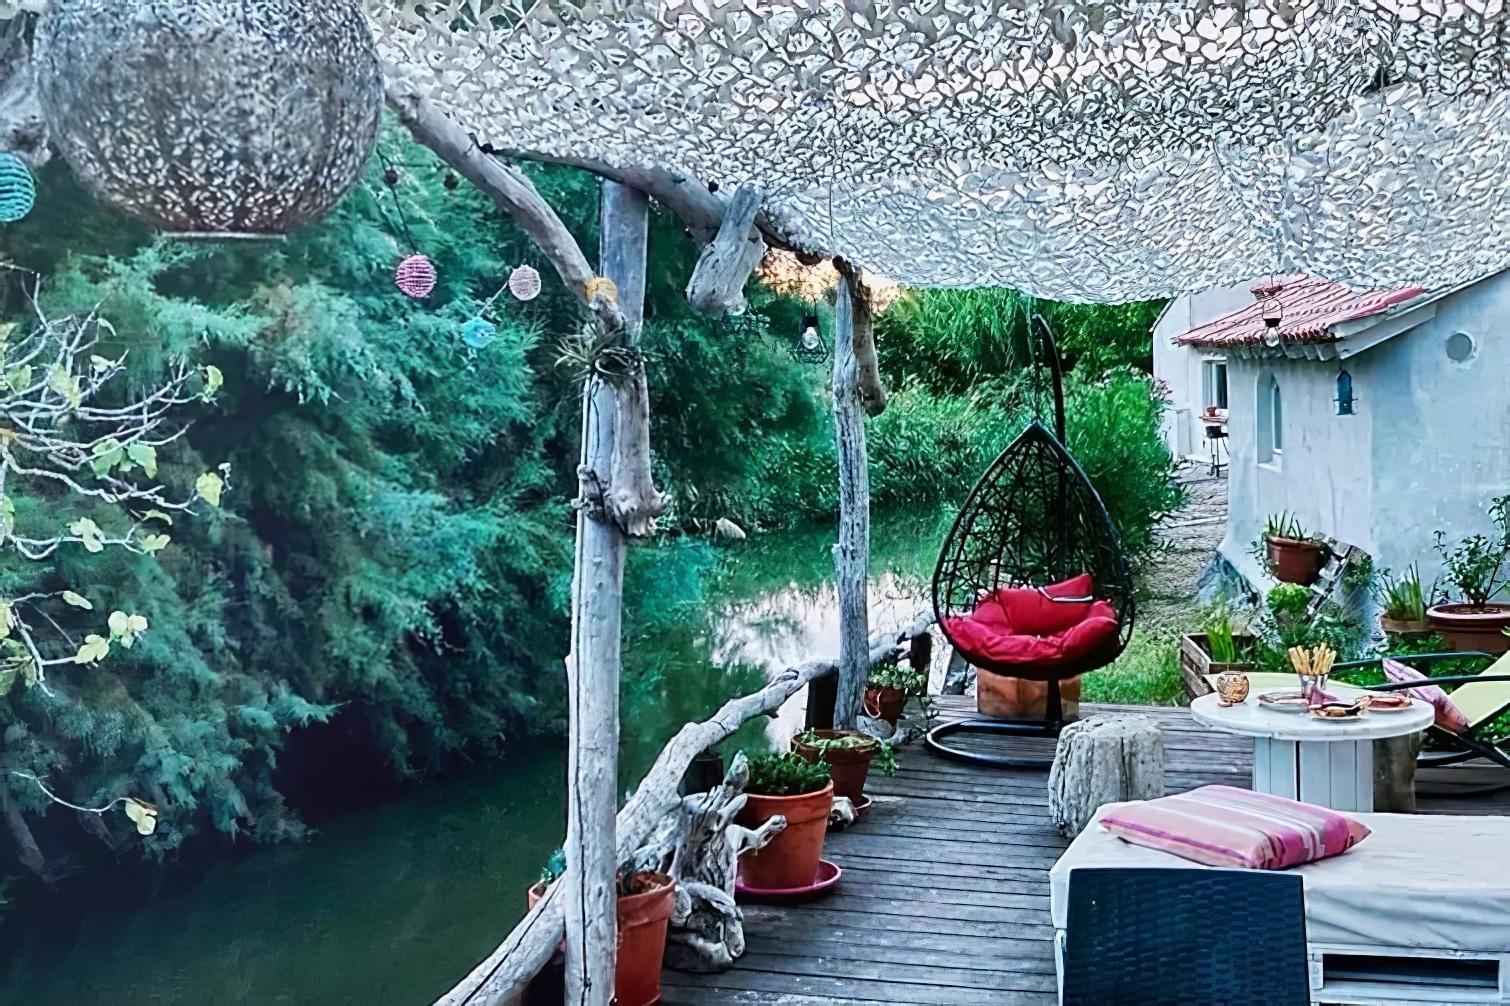 Airbnb Saintes-Maries-de-la-Mer - Maison Carmarguaise